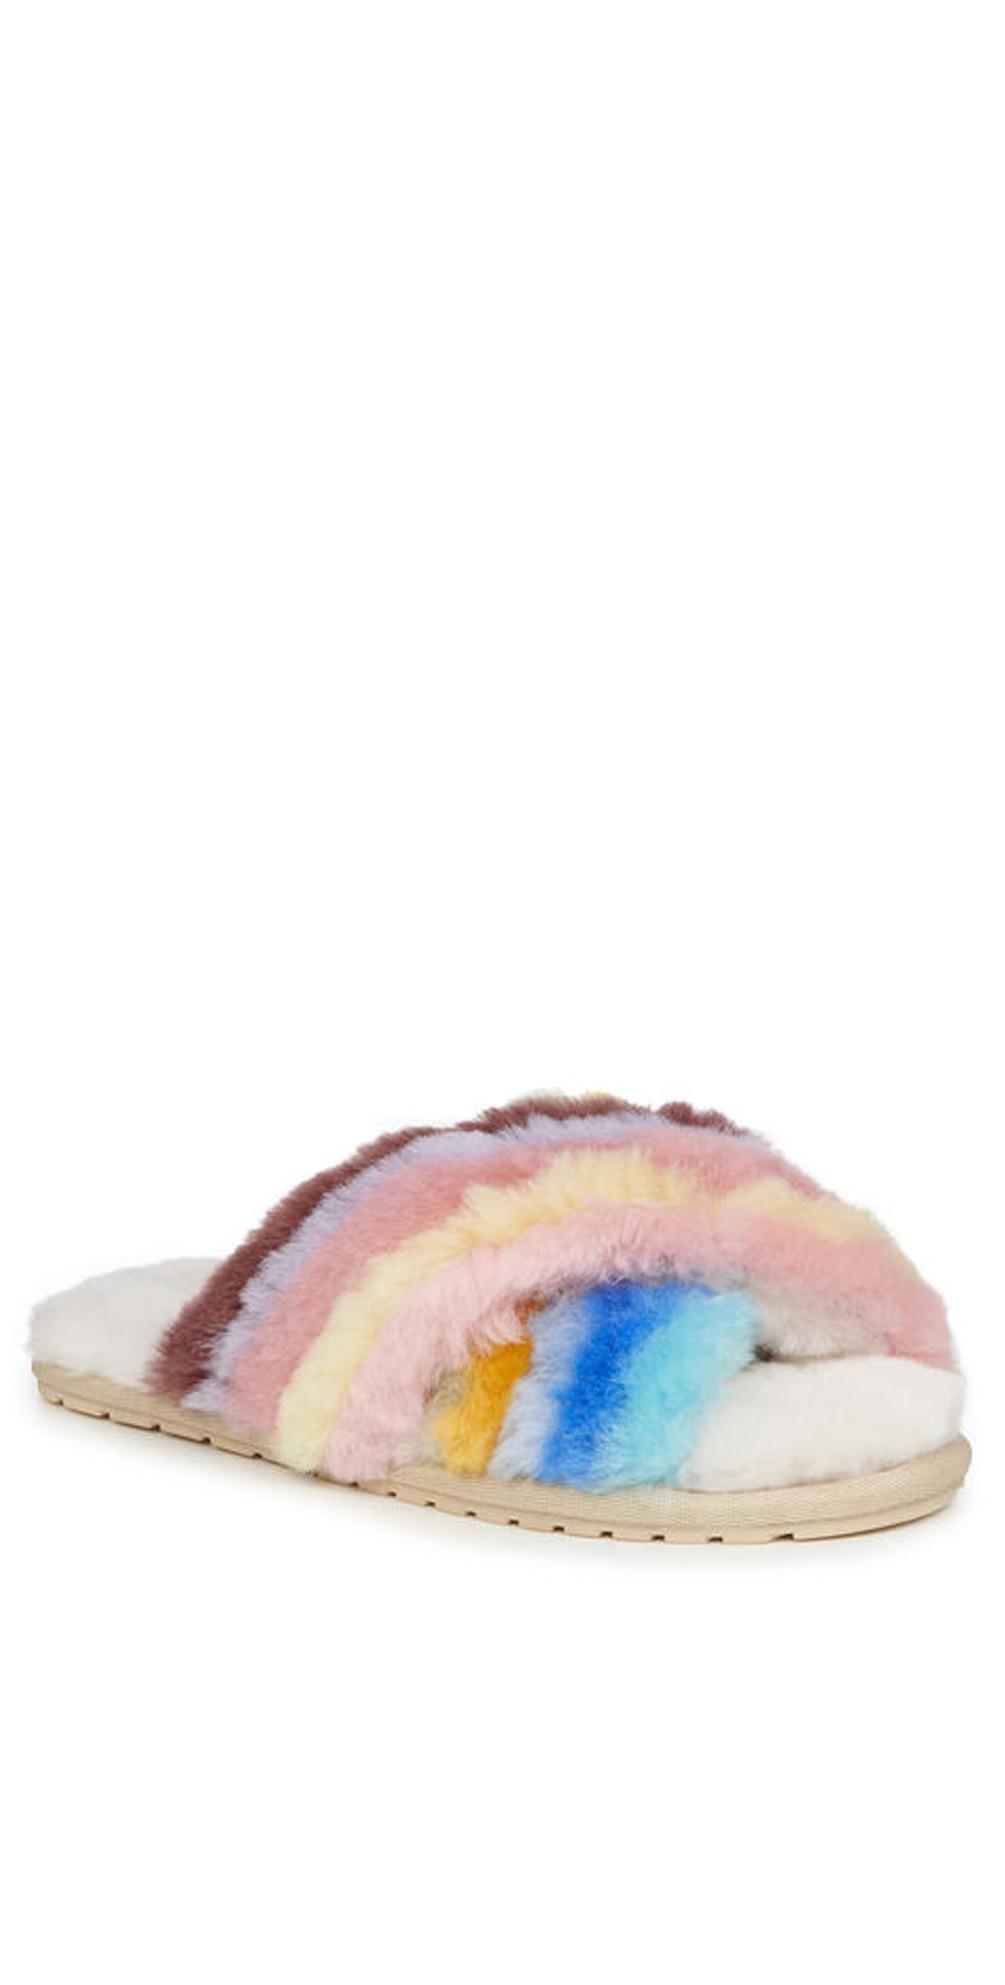 Mayberry Rainbow Sheepskin Slipper main image